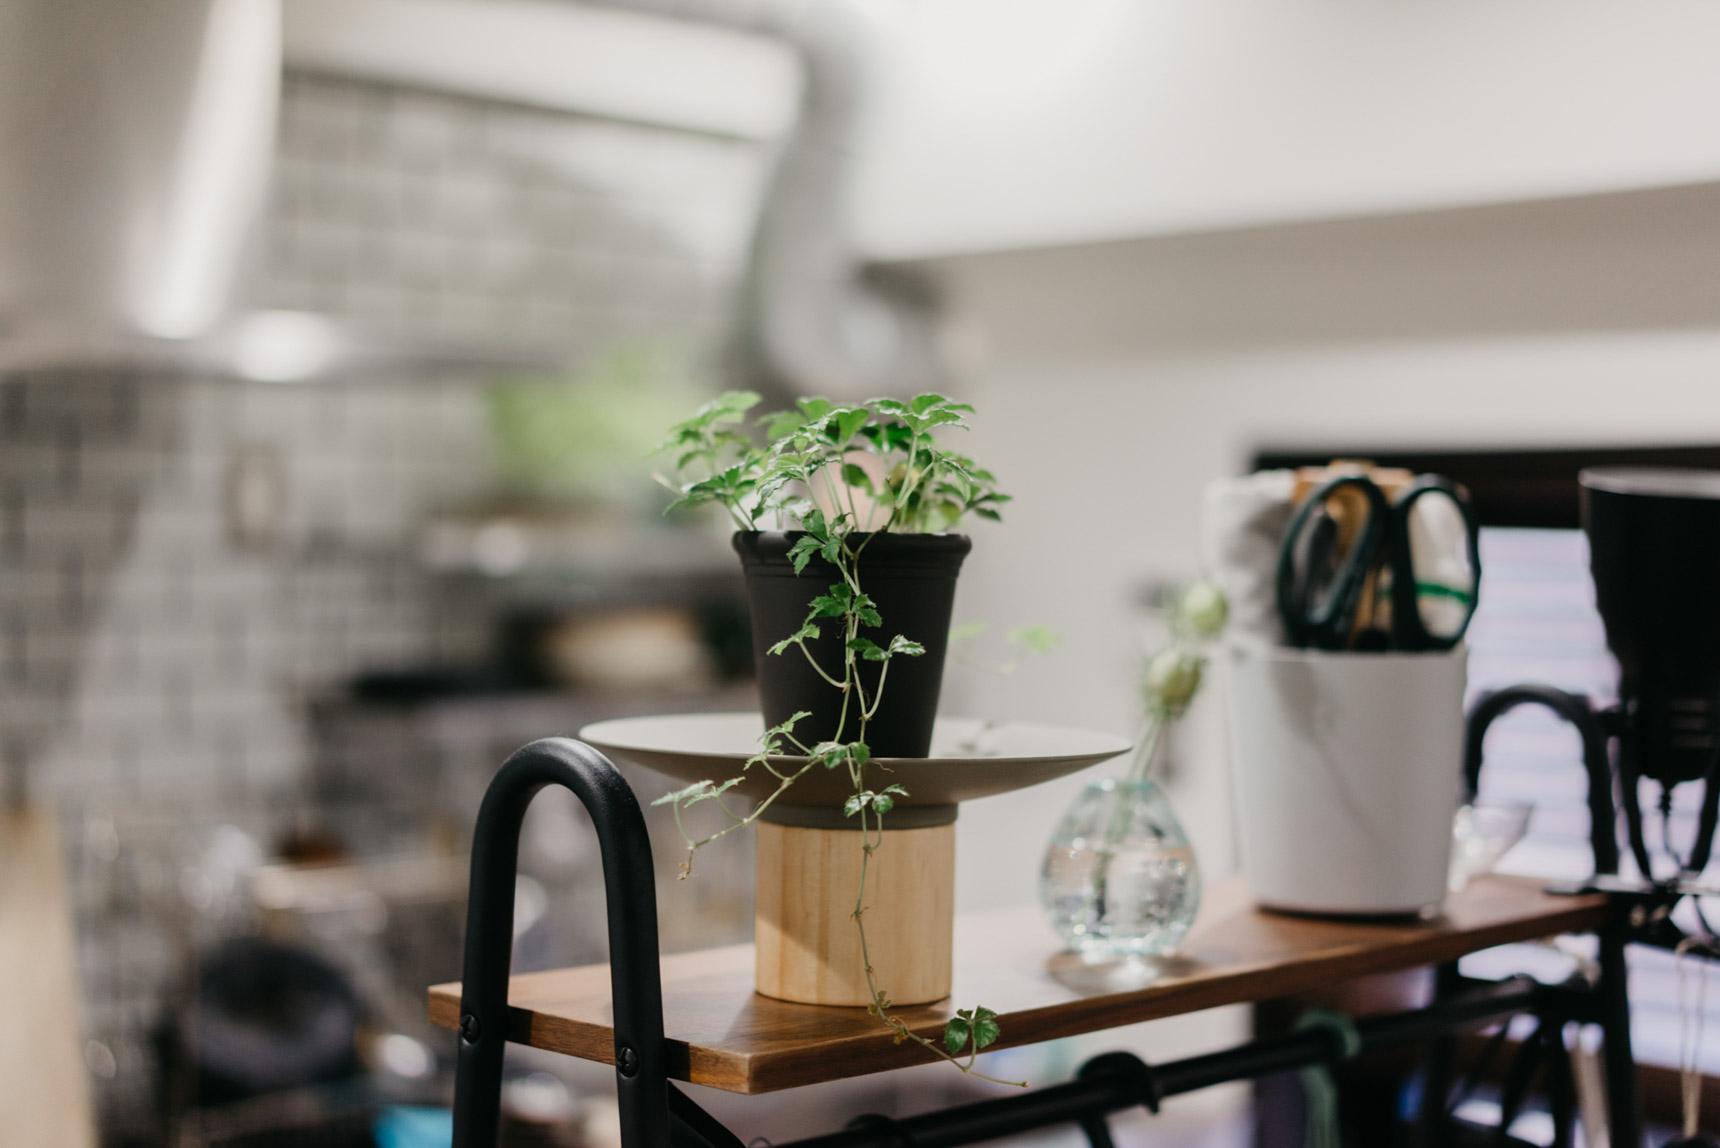 植物を載せていらっしゃるこのアイテムがすごく素敵で、お聞きしてみると、幡ヶ谷のインテリアショップ「BULLPEN」で購入したものとのこと。